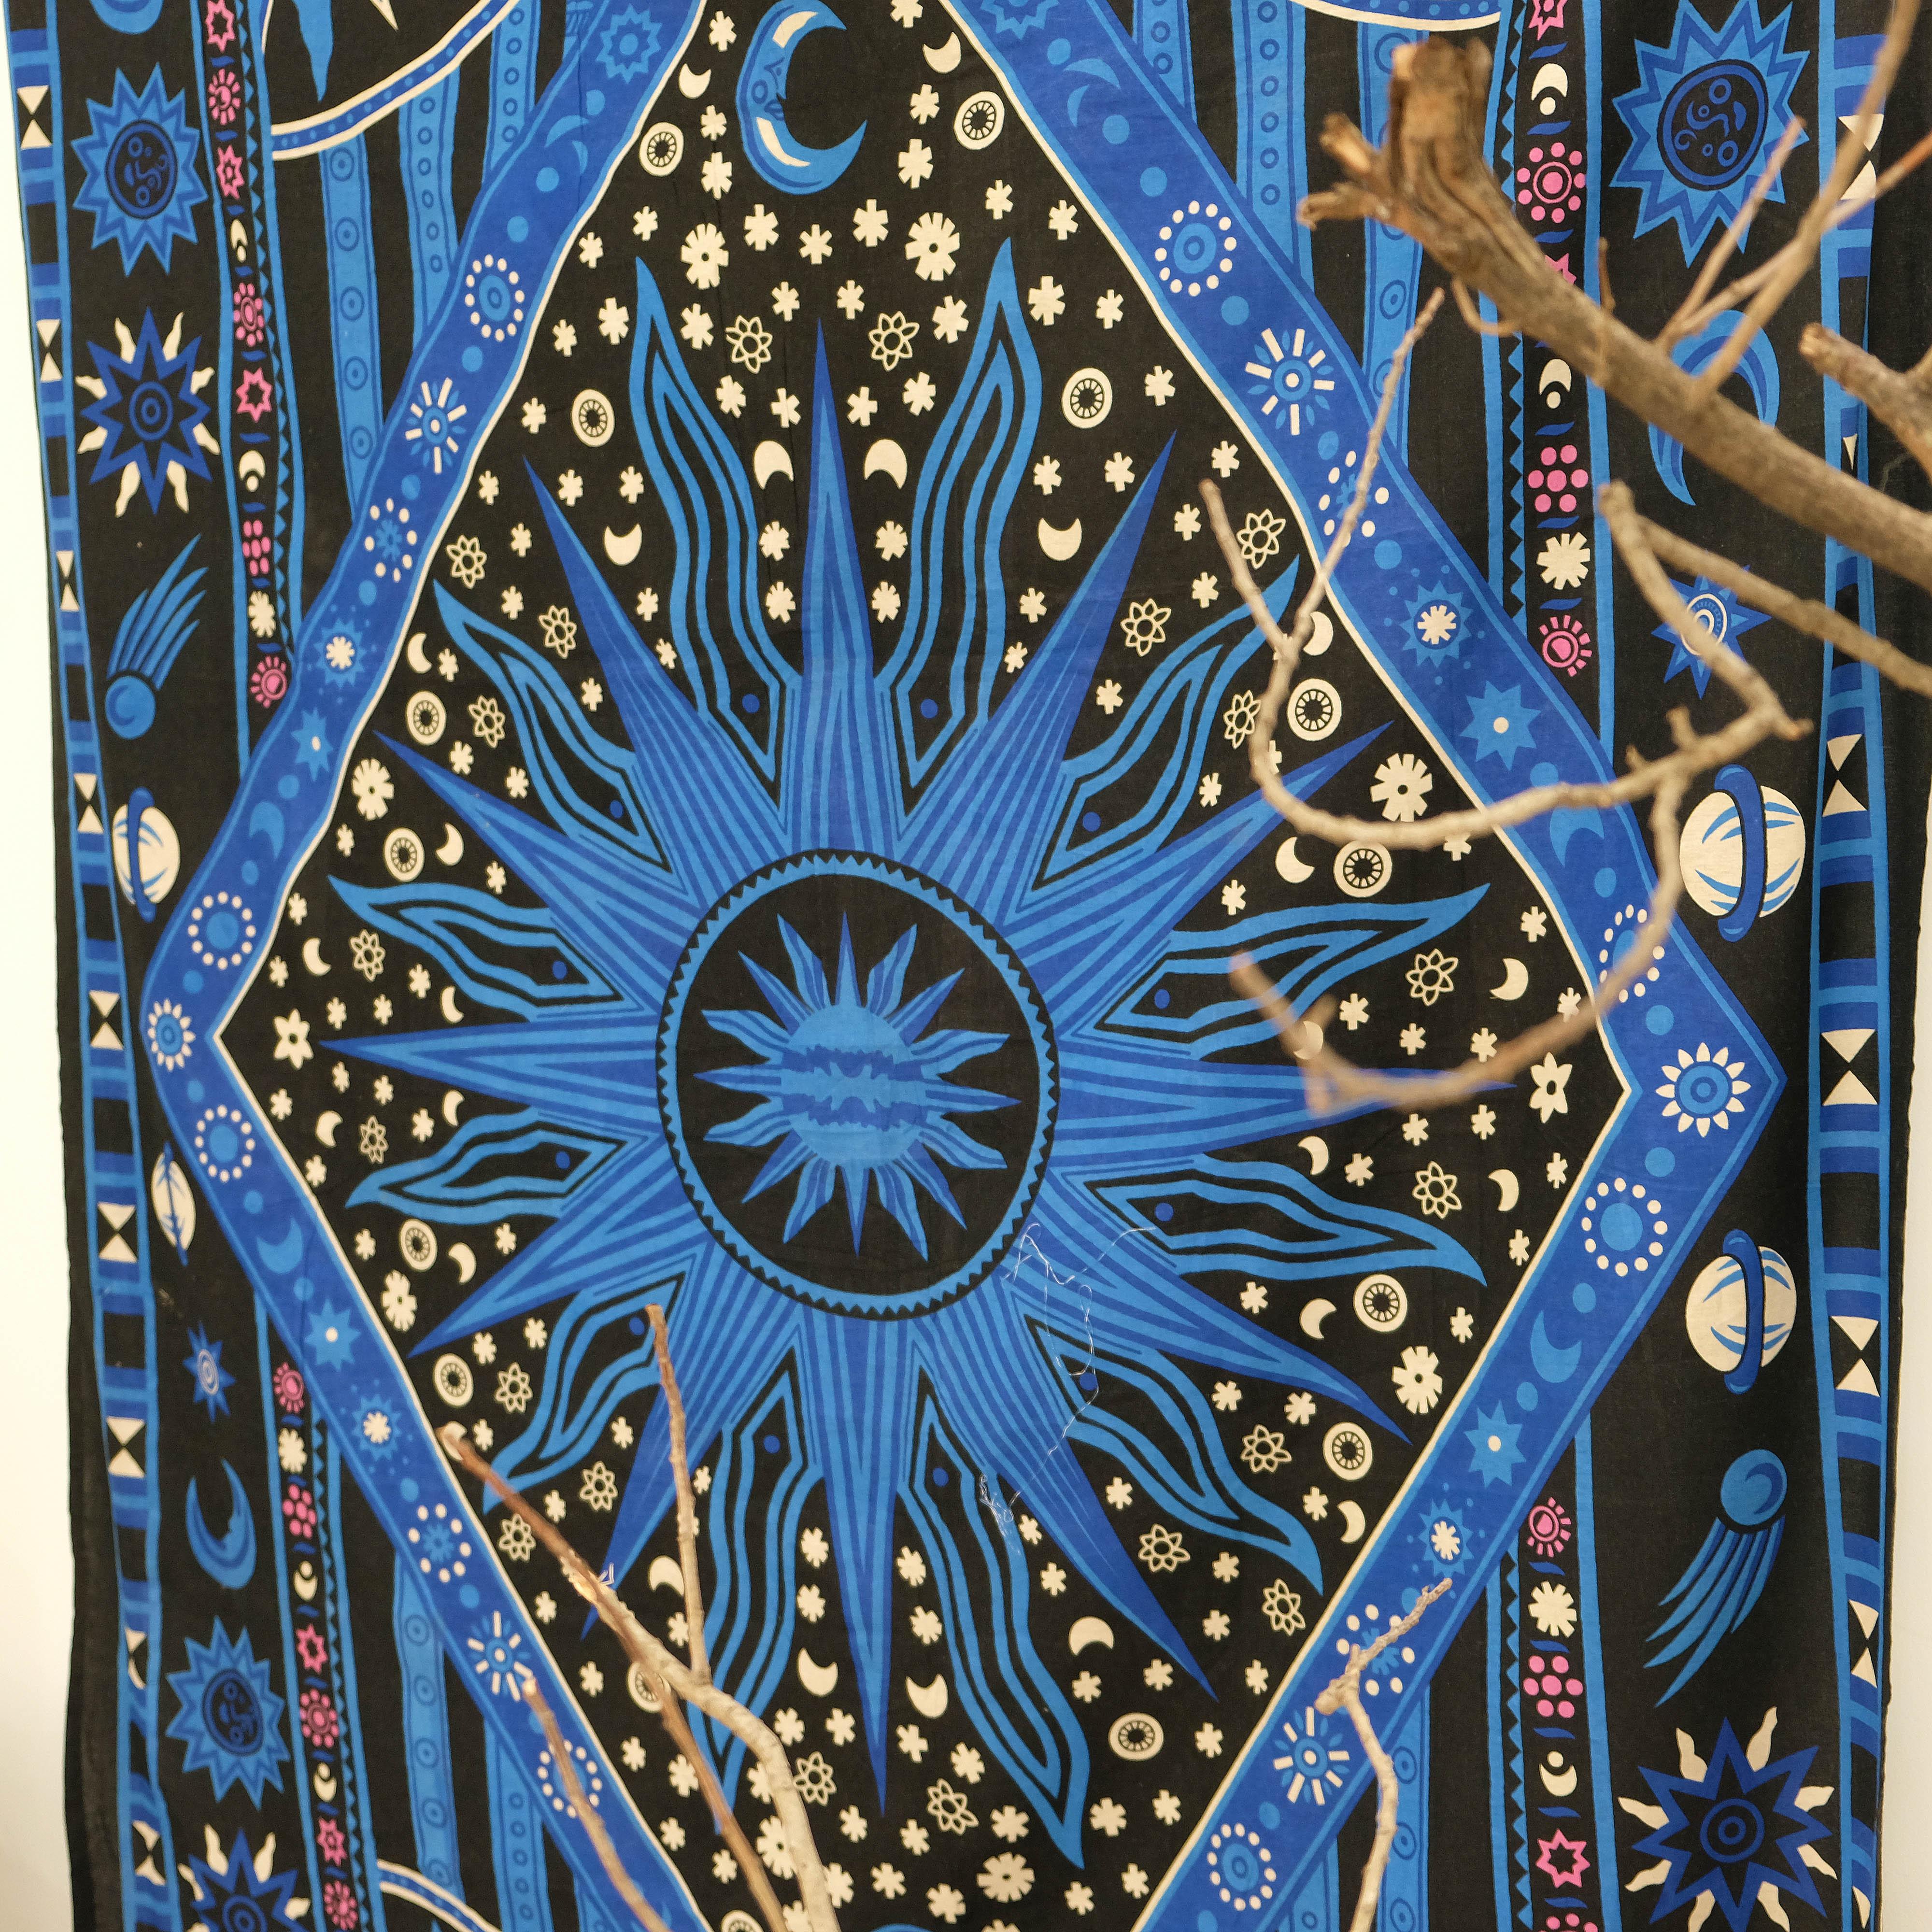 Vải treo tường trang trí hình galaxy màu xanh blue Tapestry Wallhanging 140cm x 220cm